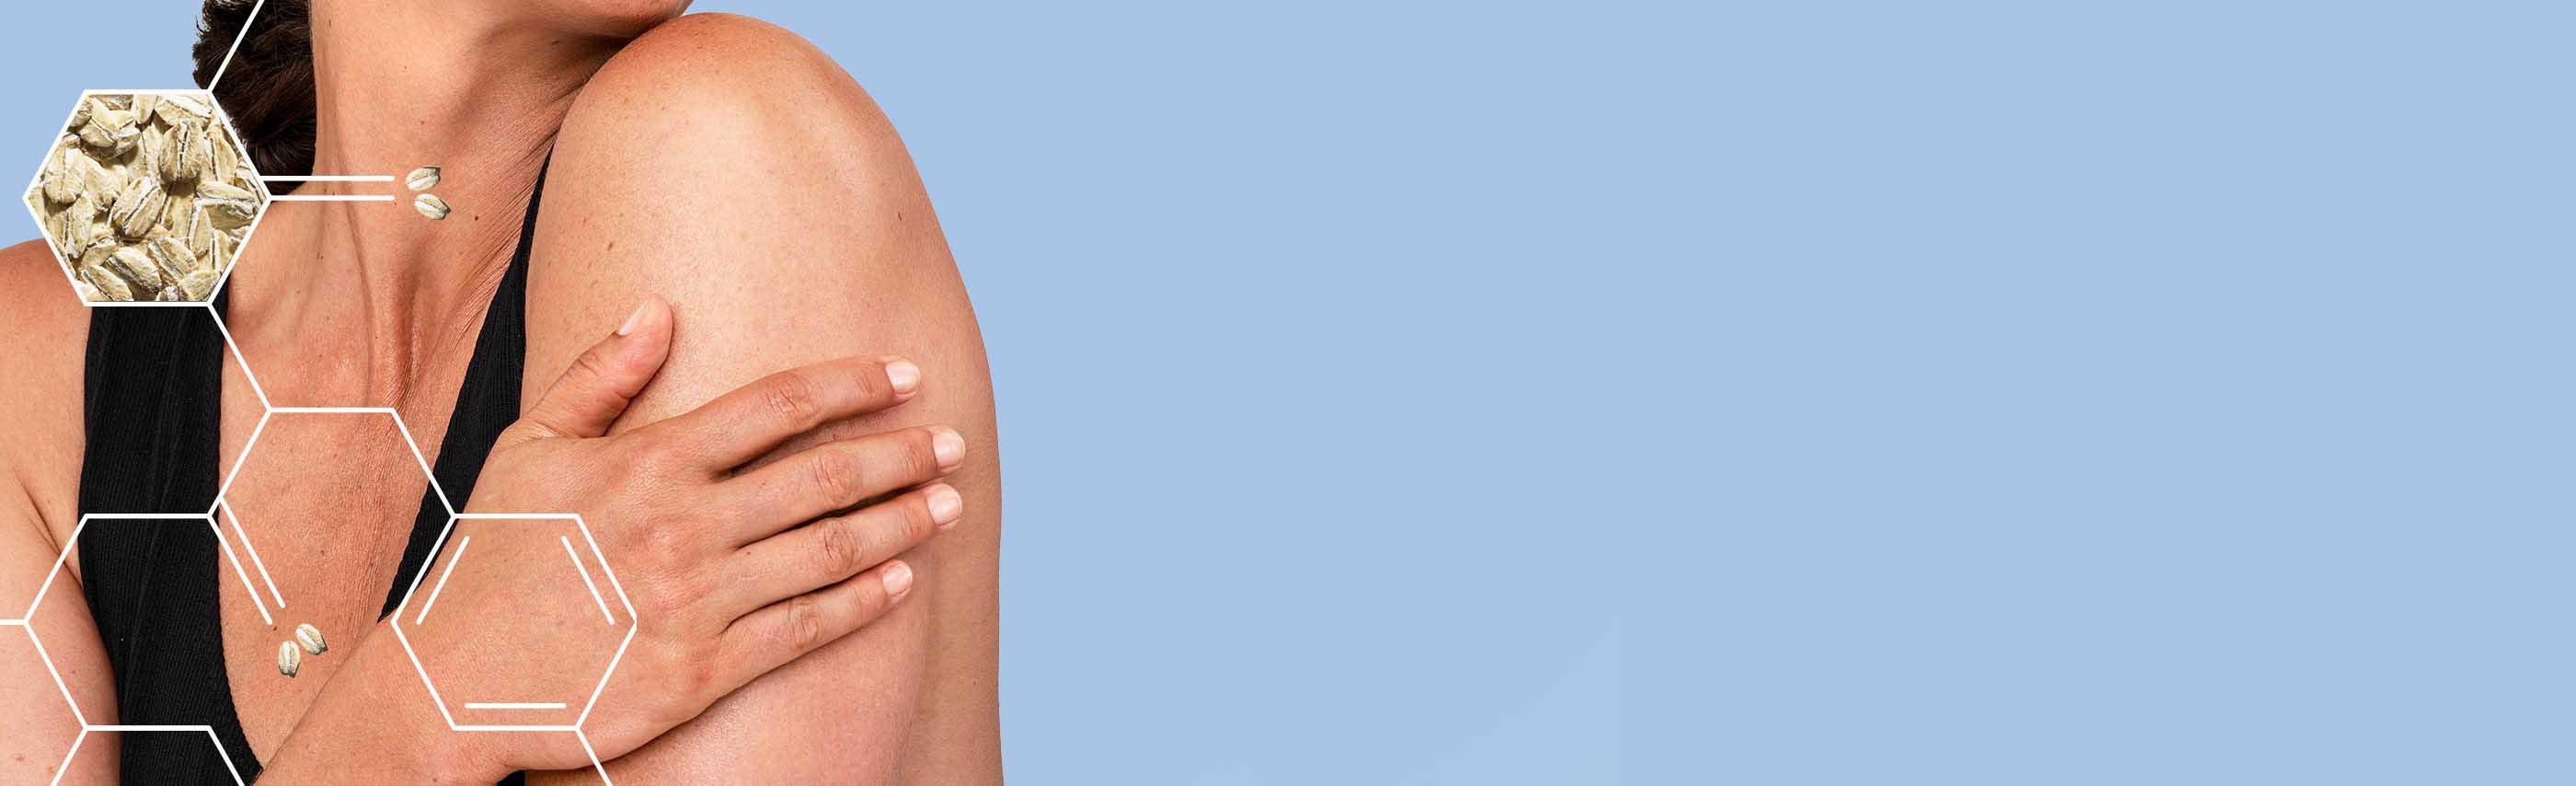 gros plan de la main d'une femme posée sur son bras sur fond bleu pâle